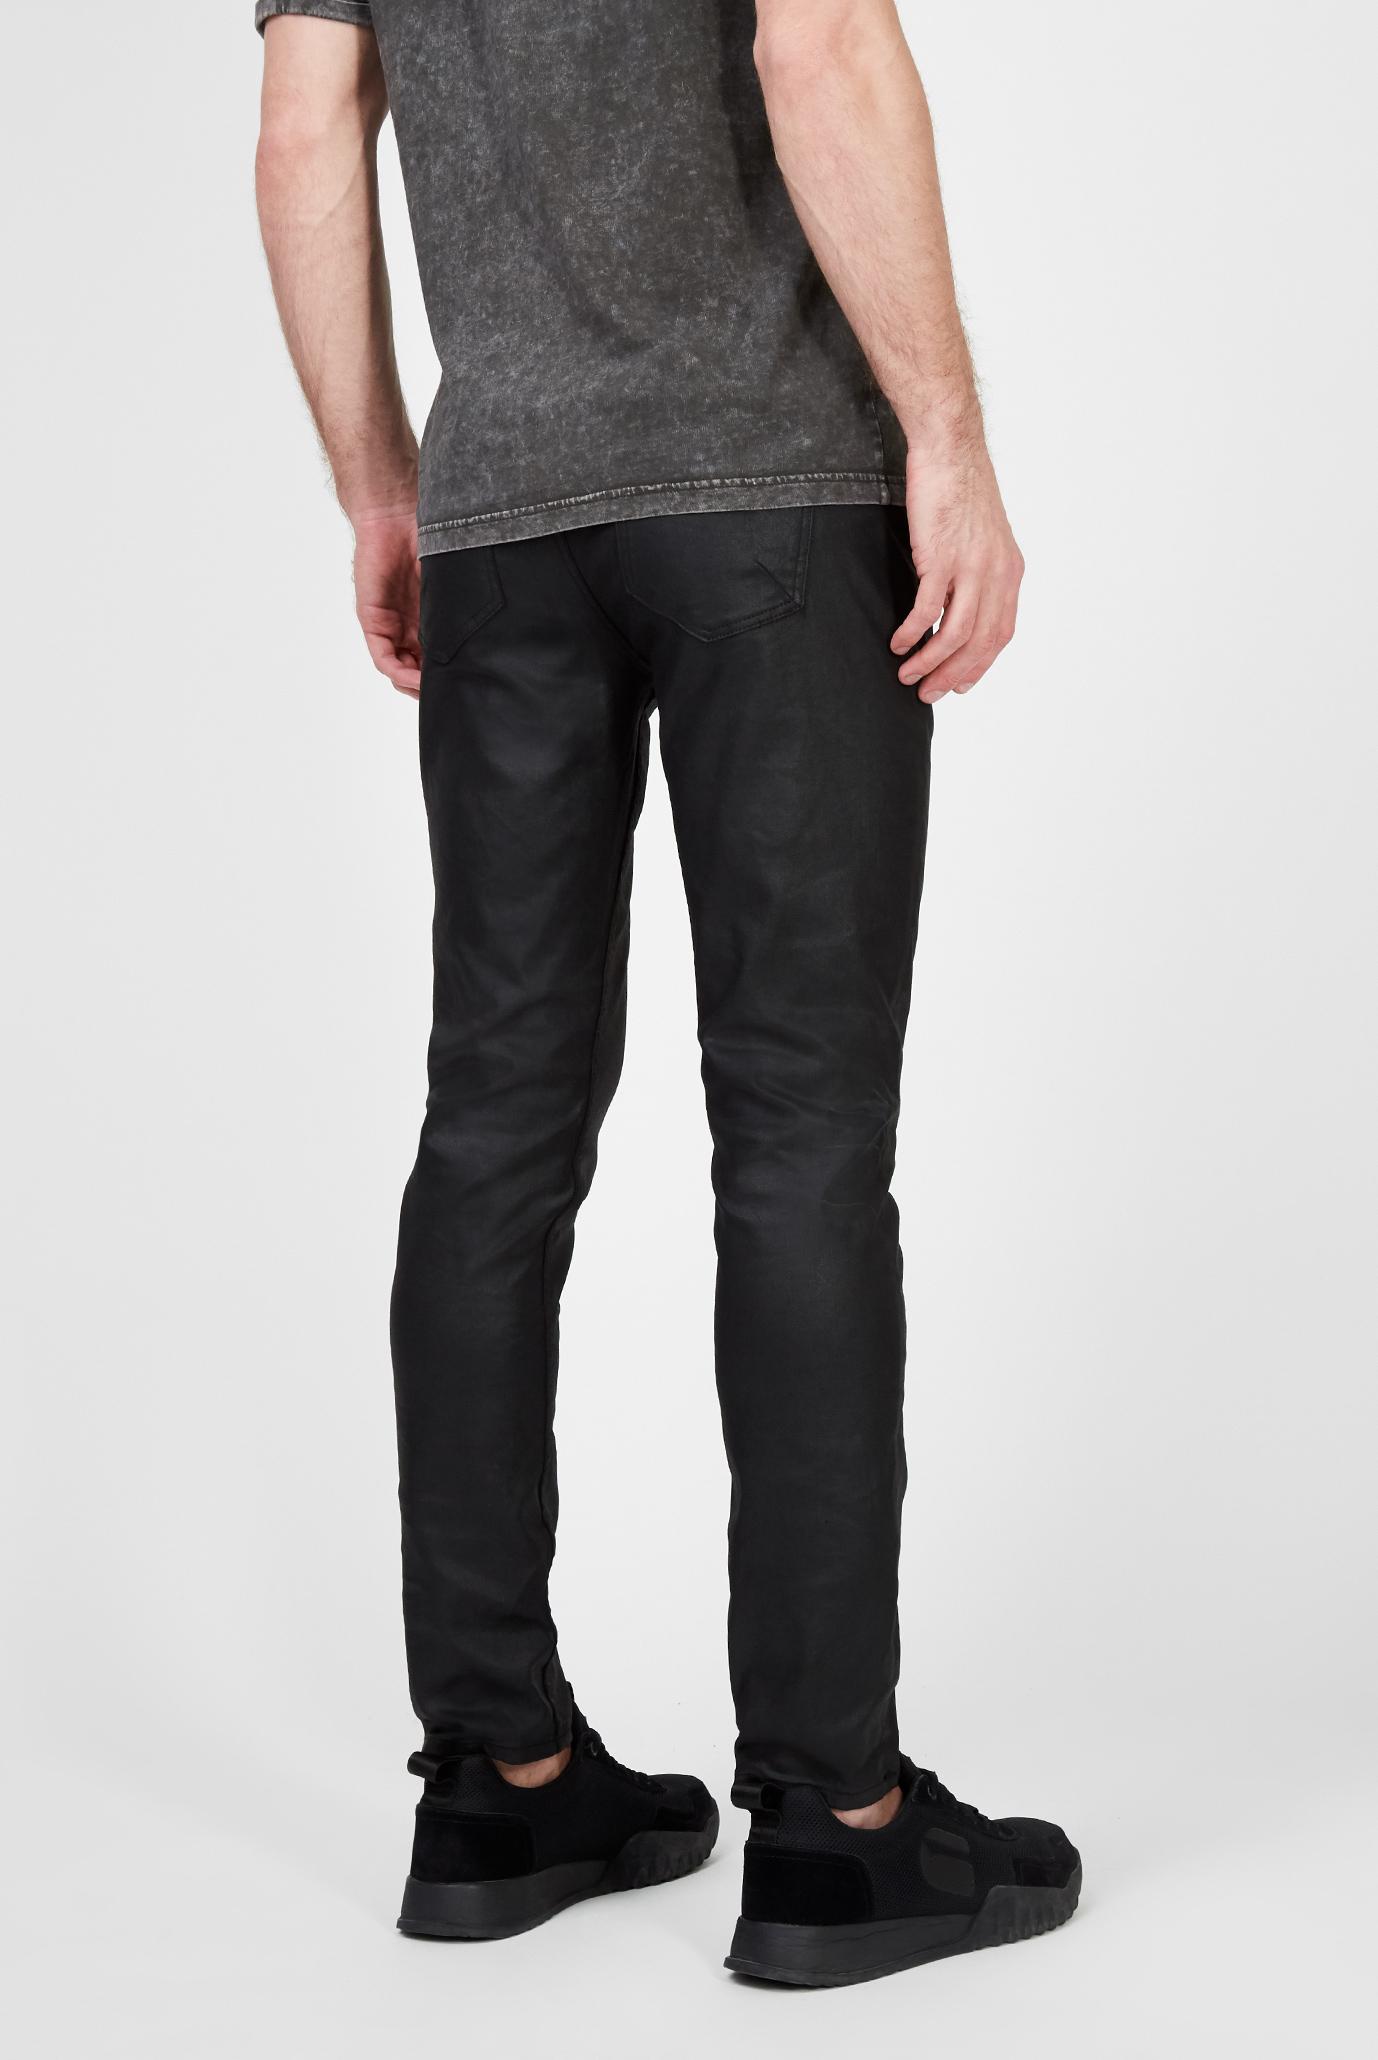 Мужские черные джинсы Morty 8691 coated Tigha